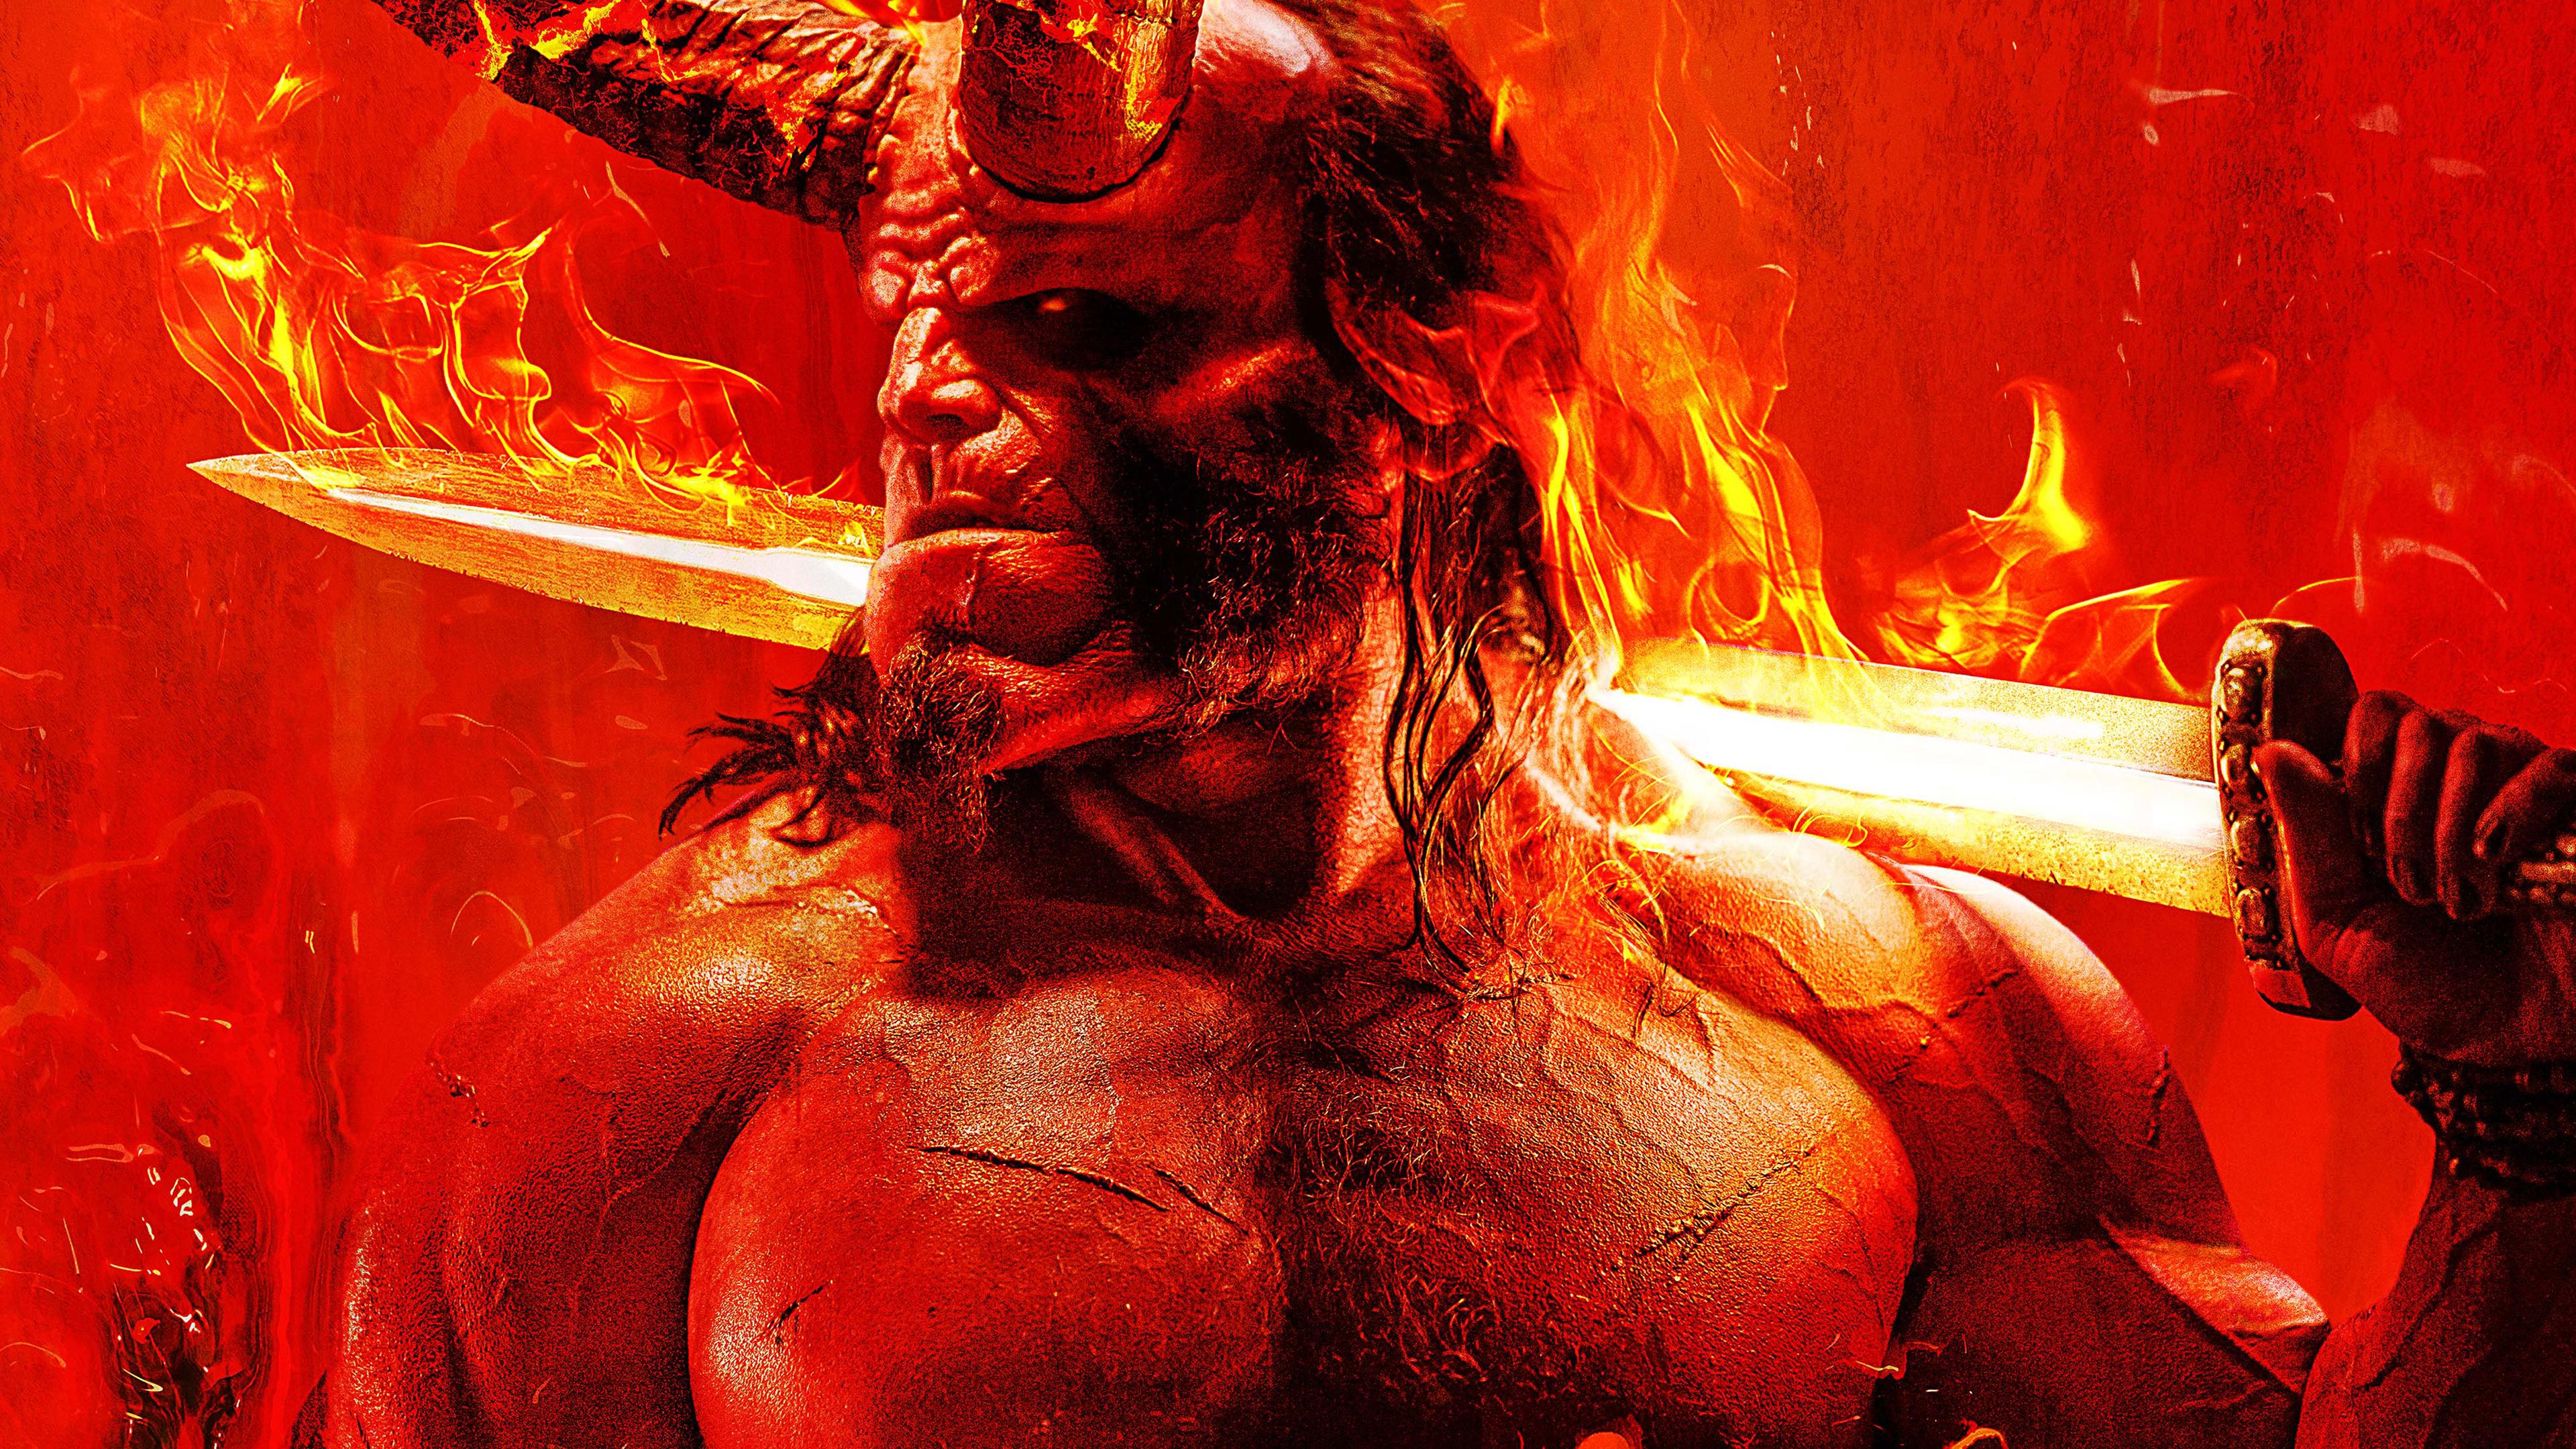 hellboy movie 2019 5k 1539979570 - Hellboy Movie 2019 5k - movies wallpapers, hellboy wallpapers, hd-wallpapers, 5k wallpapers, 4k-wallpapers, 2019 movies wallpapers